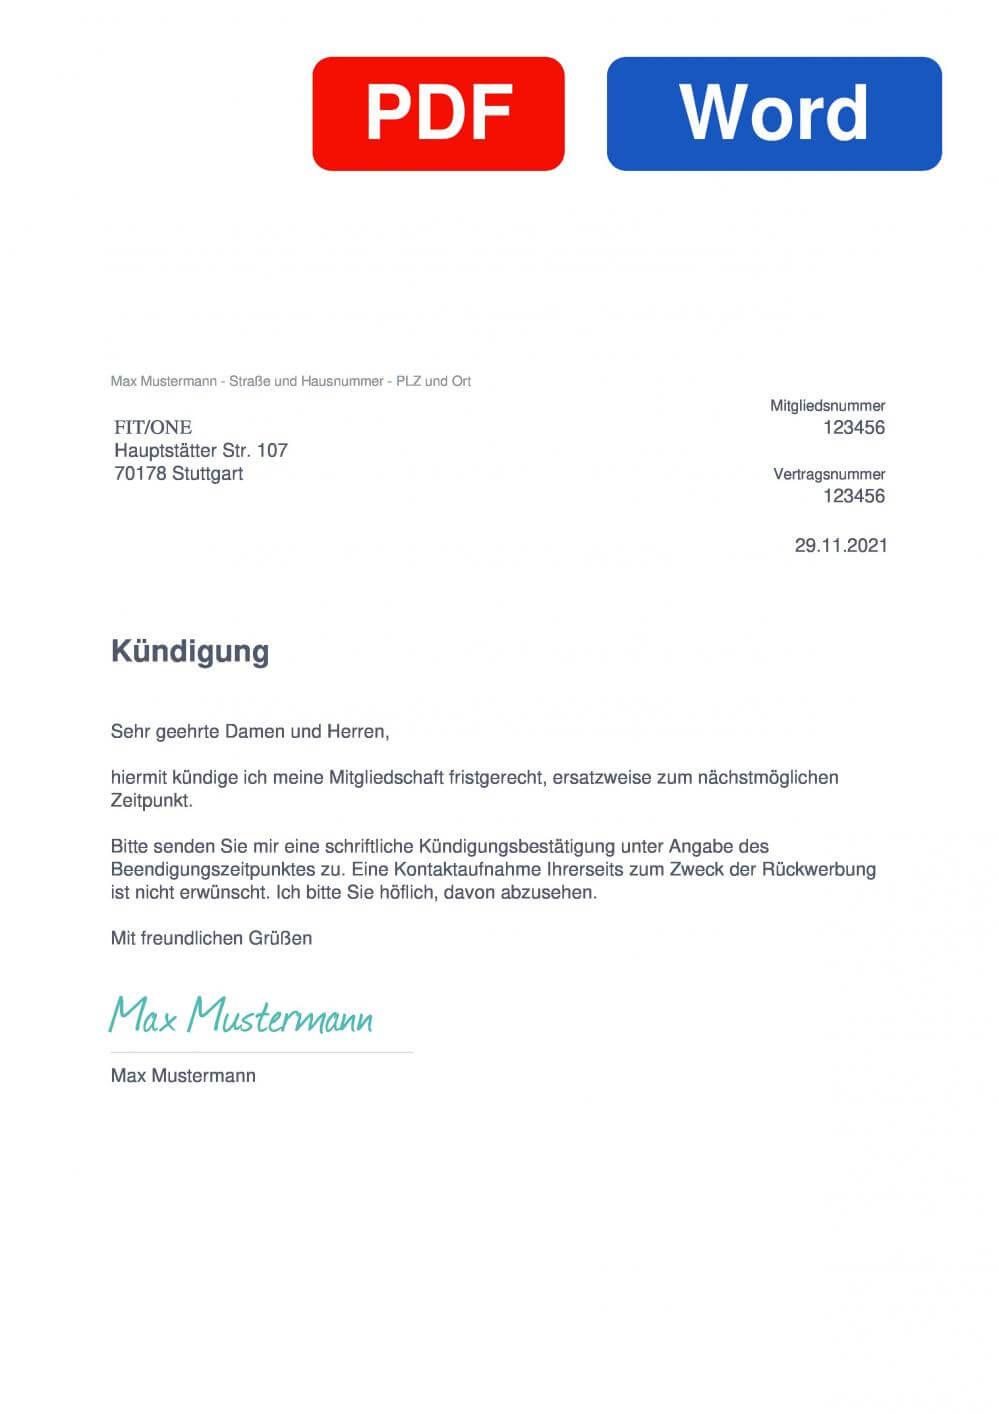 FIT/ONE Stuttgart Muster Vorlage für Kündigungsschreiben